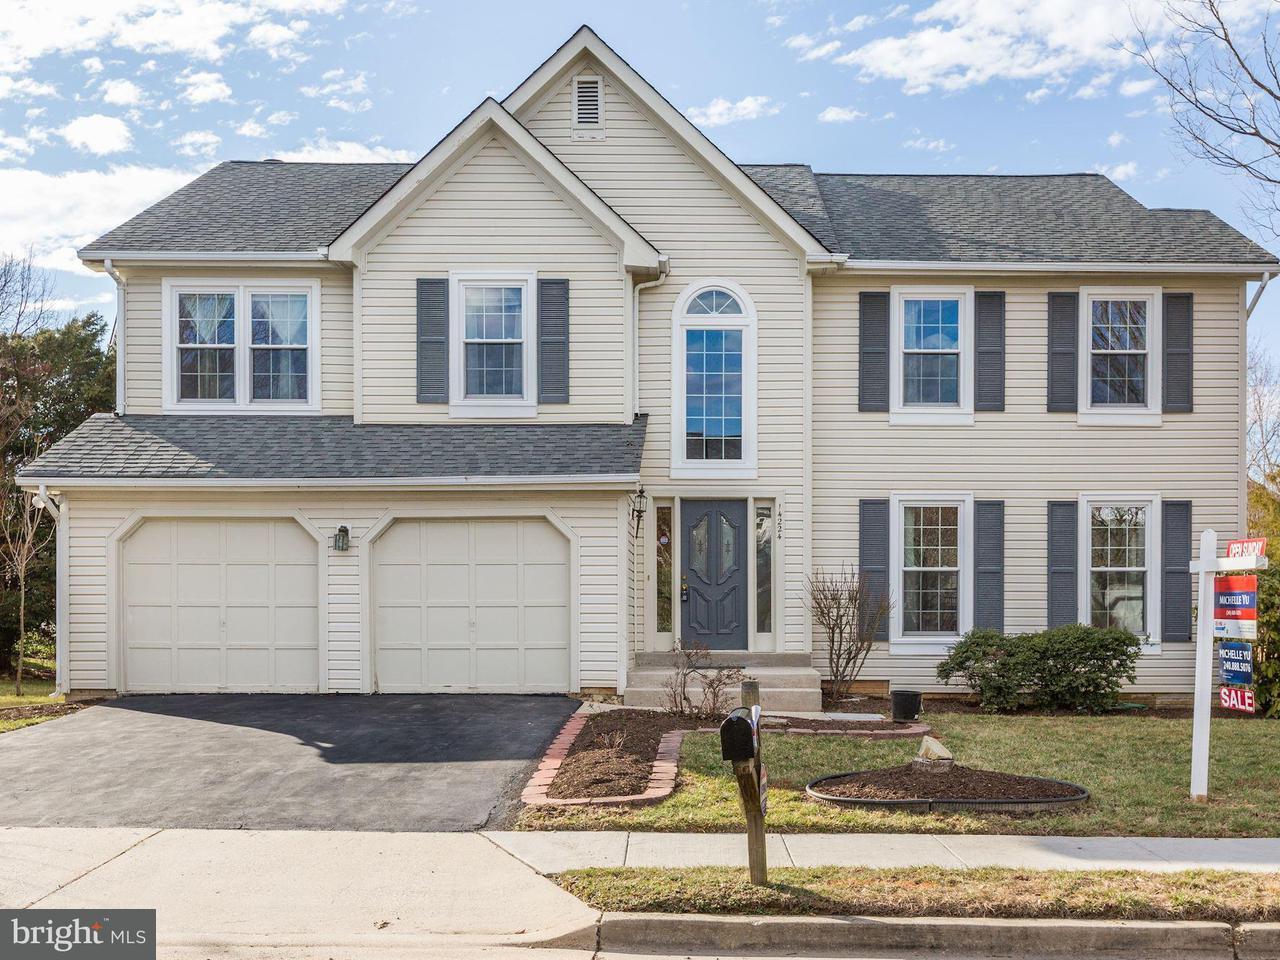 Einfamilienhaus für Verkauf beim 14224 Secluded Lane 14224 Secluded Lane North Potomac, Maryland 20878 Vereinigte Staaten